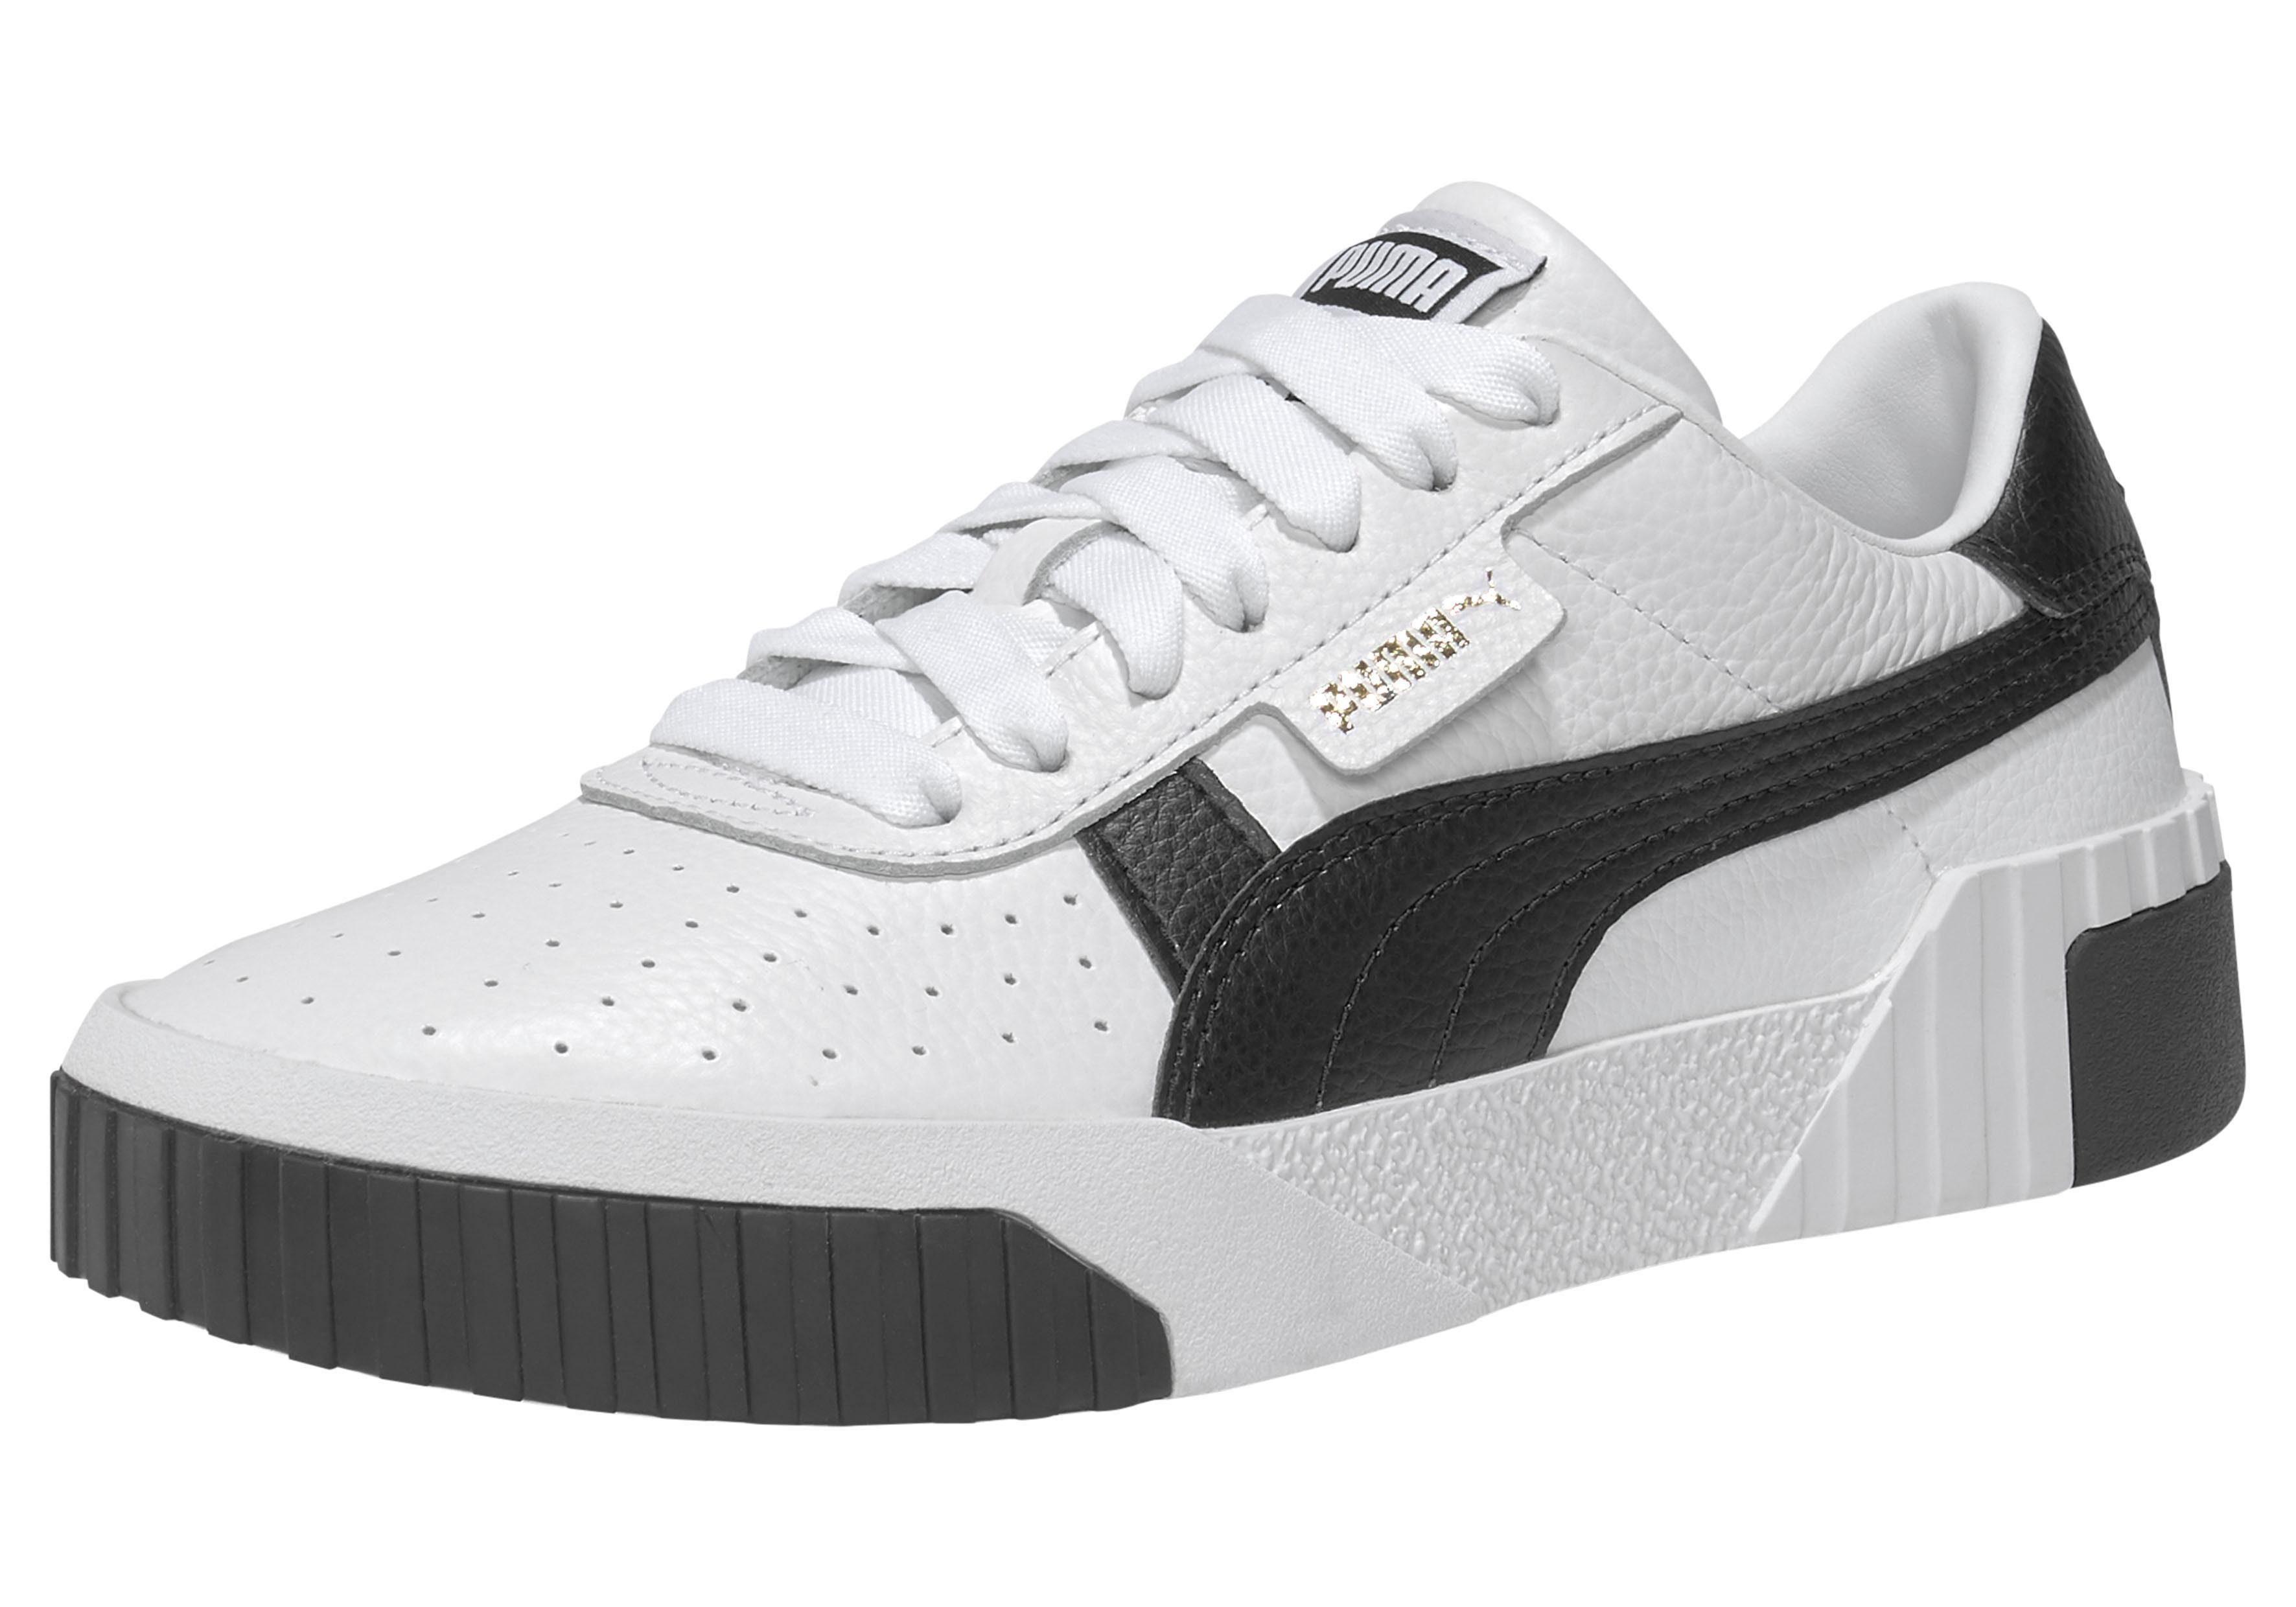 PUMA »Cali Wn's« Sneaker, Stylischer Sneaker von PUMA online kaufen   OTTO